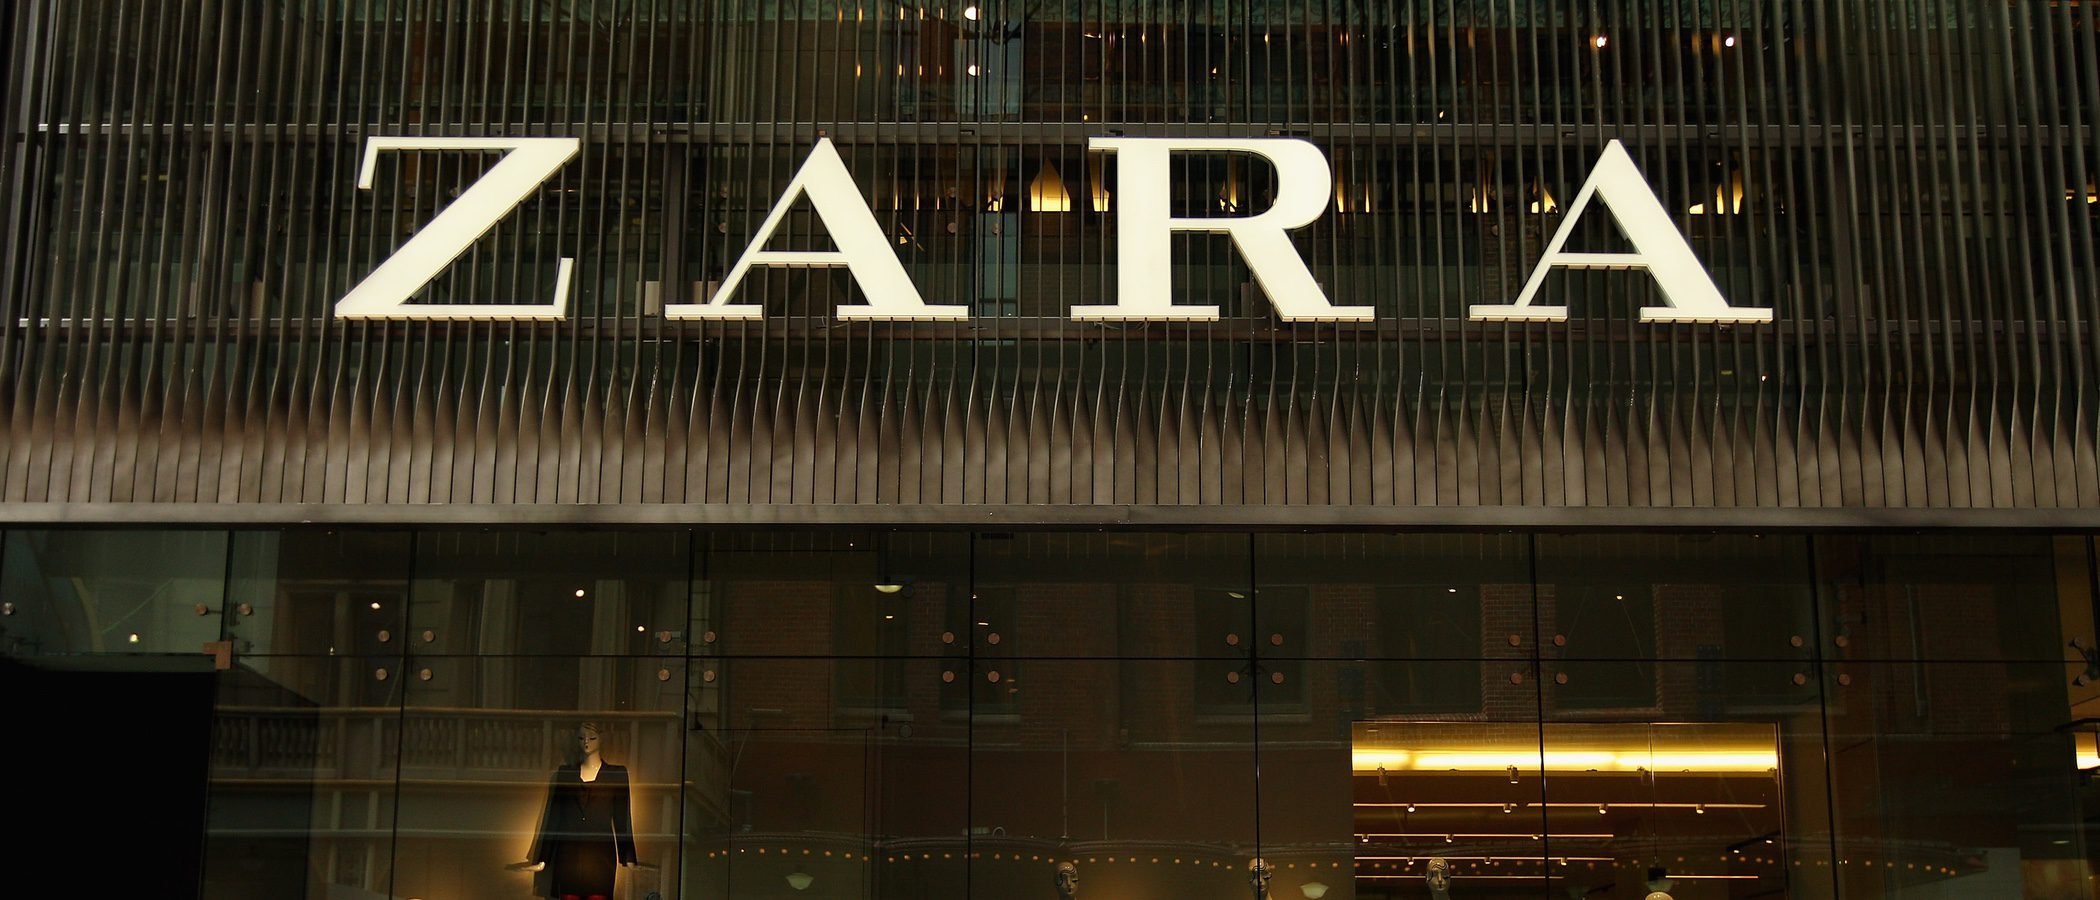 La última y polémica campaña de Zara: 'Love your curves' con modelos sin curvas